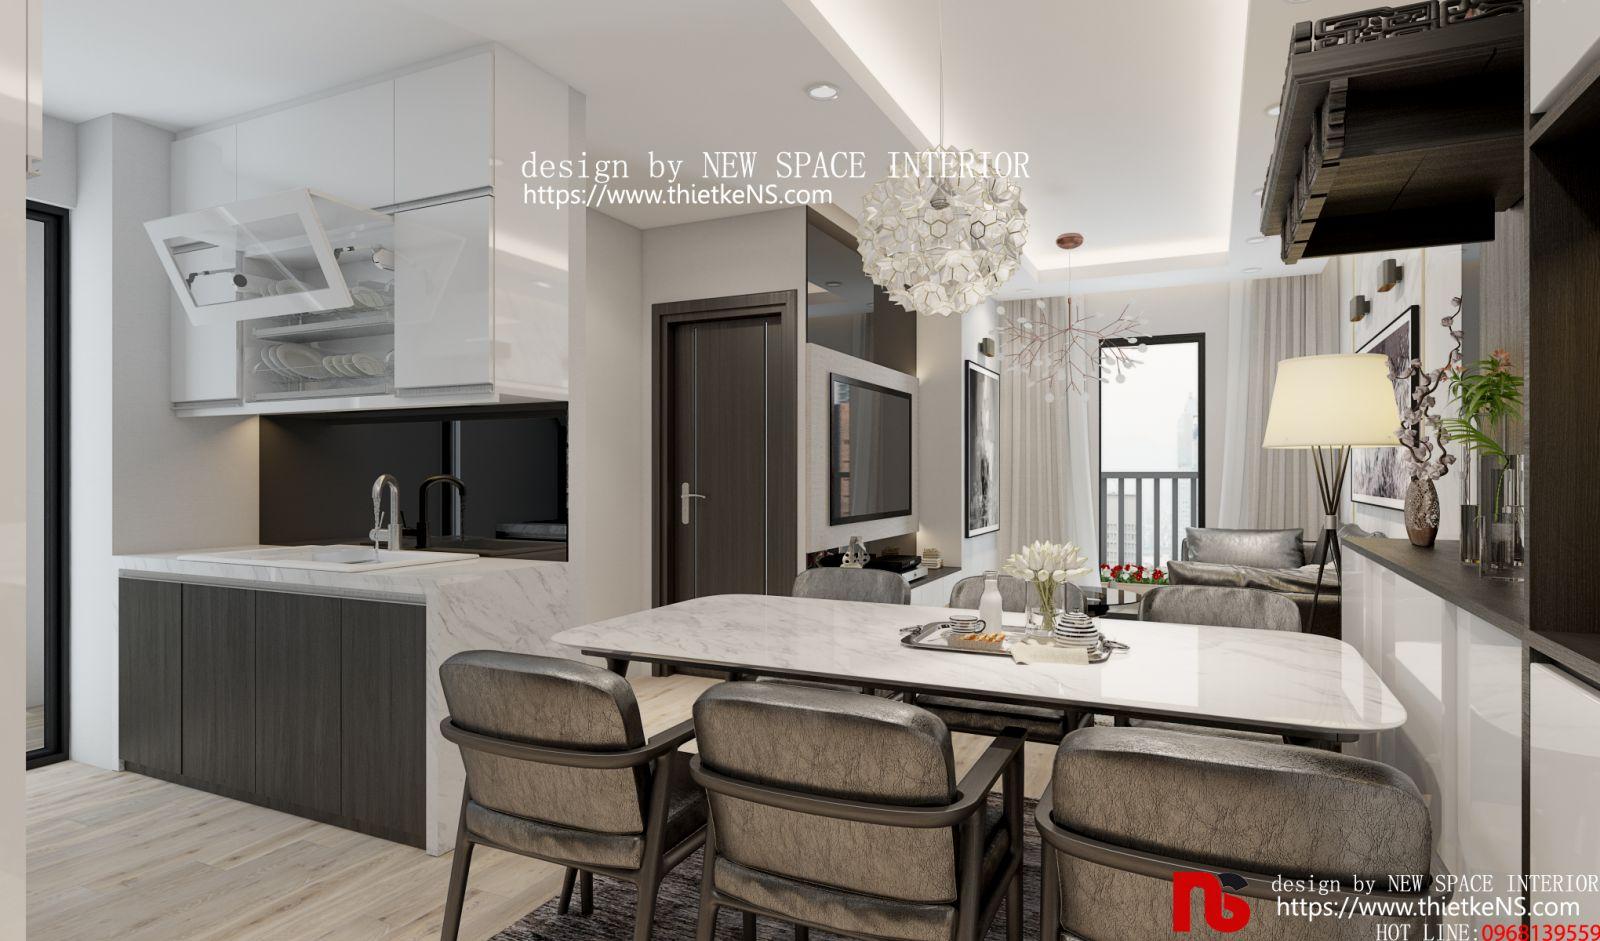 Thiết kế nội thất chung cư khu vực bếp